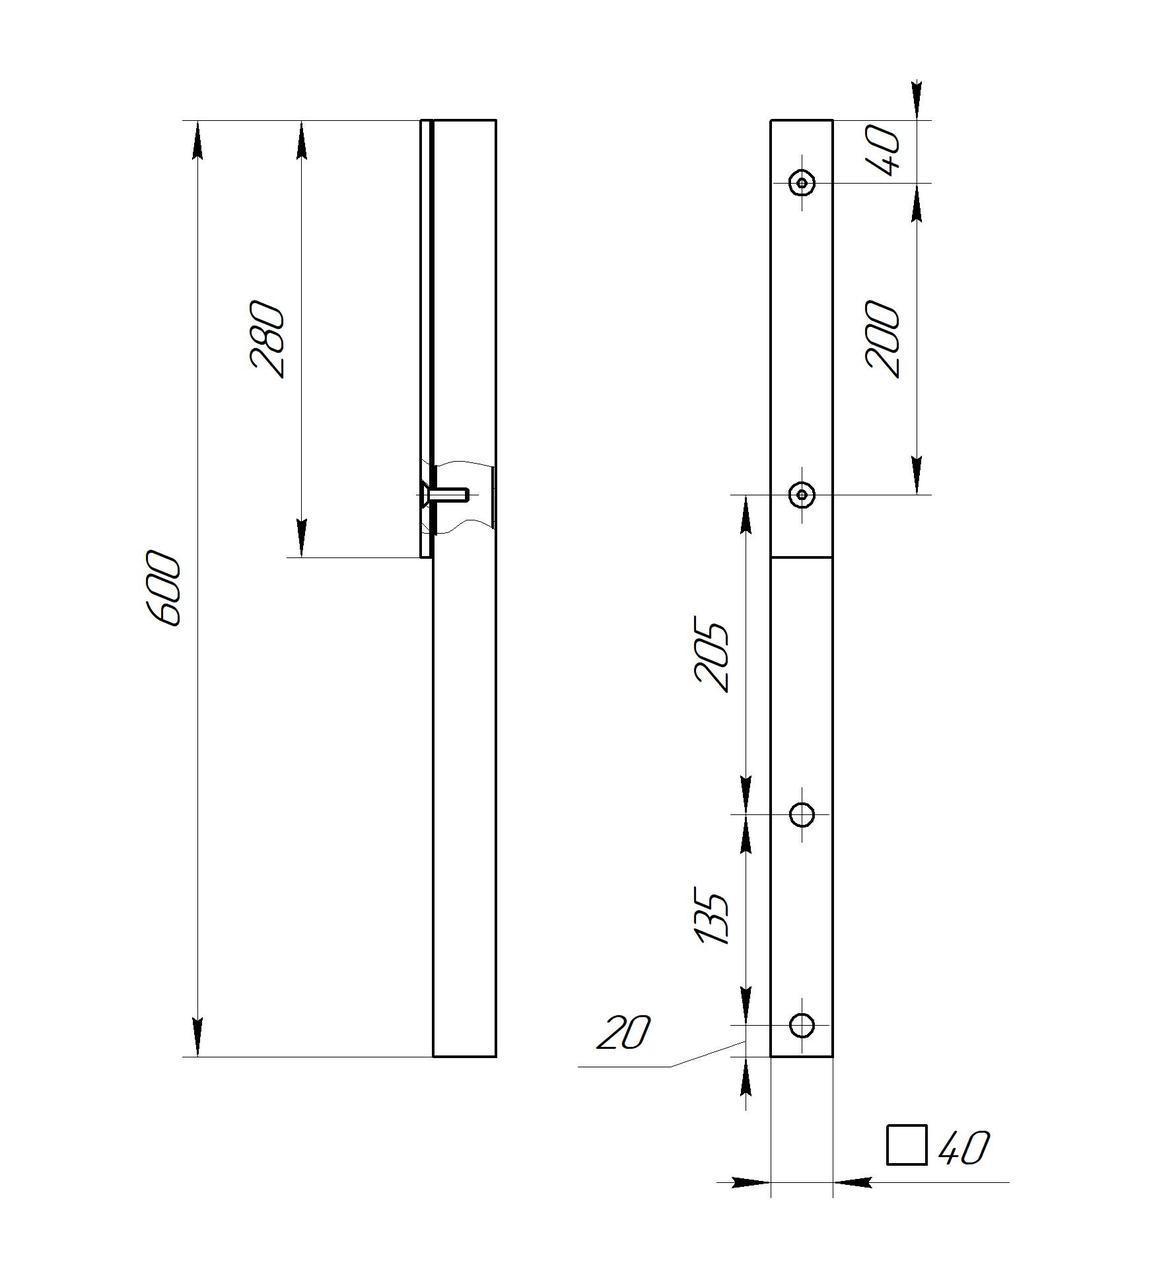 ODF-02-13-21-H600 Стойка ограждений с боковым креплением и прижимной пластиной для перил из стекла, черная